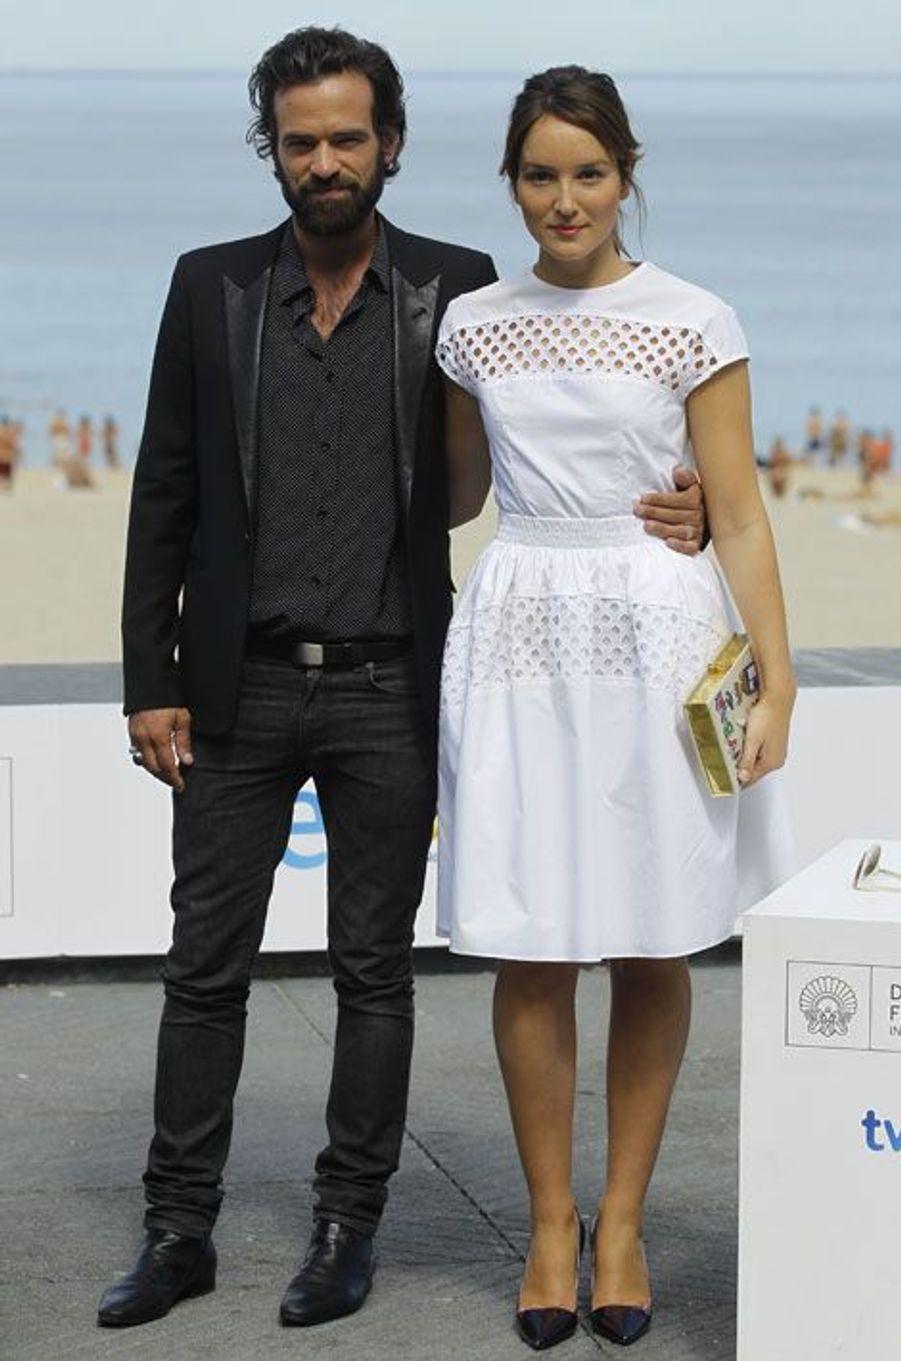 """Romain Duris et Anaïs Demoustier pour le photocall du film """"Une nouvelle amie"""", de François Ozon, le 20 septembre 2014, à San Sebastian en Espagne"""